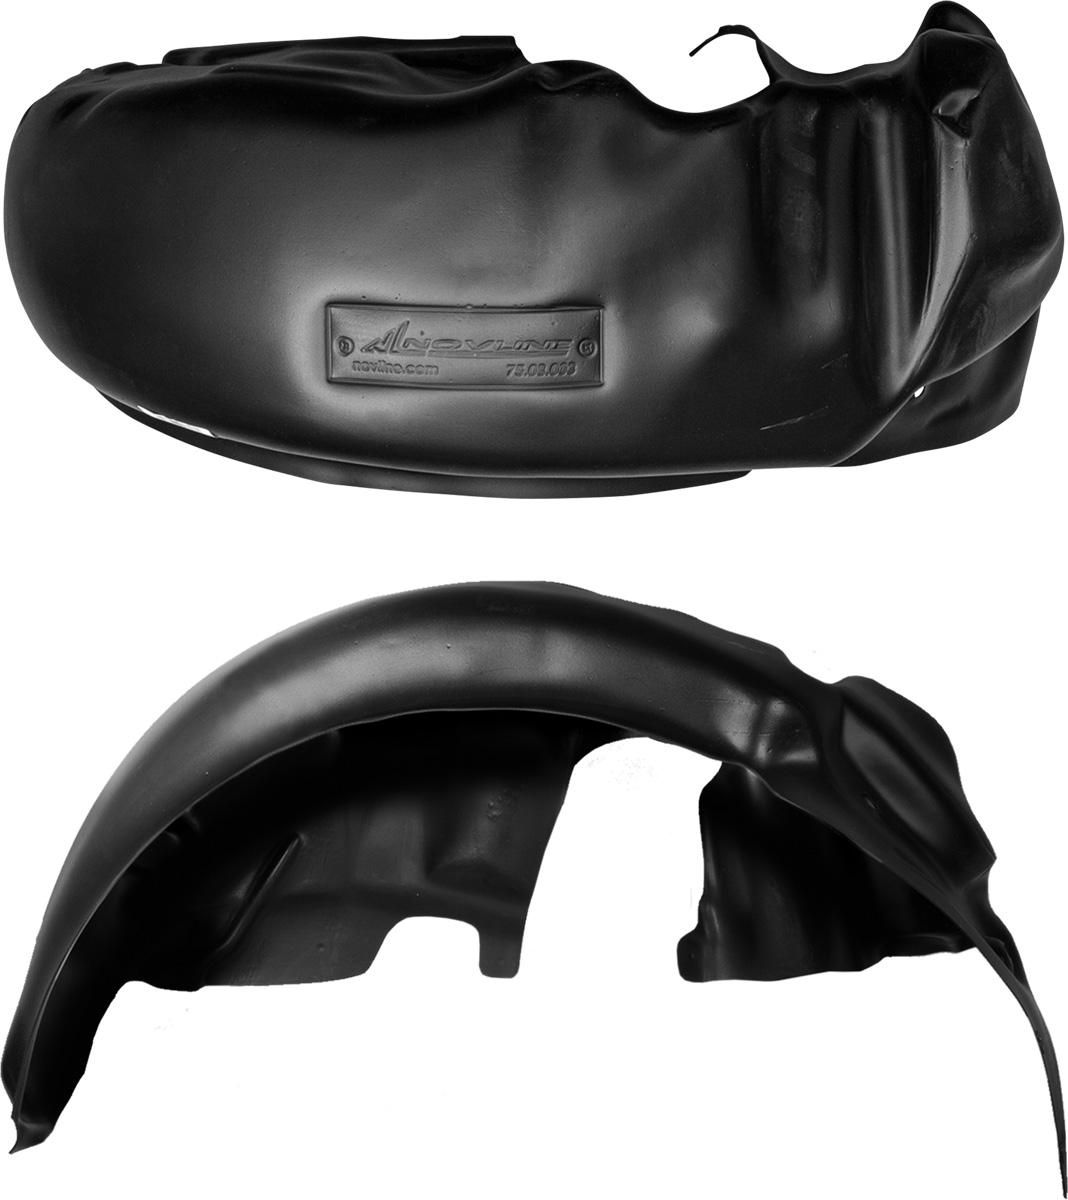 Подкрылок КIА RIO, 2011->, седан, хэтчбек, передний правыйNLL.25.38.002Колесные ниши – одни из самых уязвимых зон днища вашего автомобиля. Они постоянно подвергаются воздействию со стороны дороги. Лучшая, почти абсолютная защита для них - специально отформованные пластиковые кожухи, которые называются подкрылками, или локерами. Производятся они как для отечественных моделей автомобилей, так и для иномарок. Подкрылки выполнены из высококачественного, экологически чистого пластика. Обеспечивают надежную защиту кузова автомобиля от пескоструйного эффекта и негативного влияния, агрессивных антигололедных реагентов. Пластик обладает более низкой теплопроводностью, чем металл, поэтому в зимний период эксплуатации использование пластиковых подкрылков позволяет лучше защитить колесные ниши от налипания снега и образования наледи. Оригинальность конструкции подчеркивает элегантность автомобиля, бережно защищает нанесенное на днище кузова антикоррозийное покрытие и позволяет осуществить крепление подкрылков внутри колесной арки практически без дополнительного...